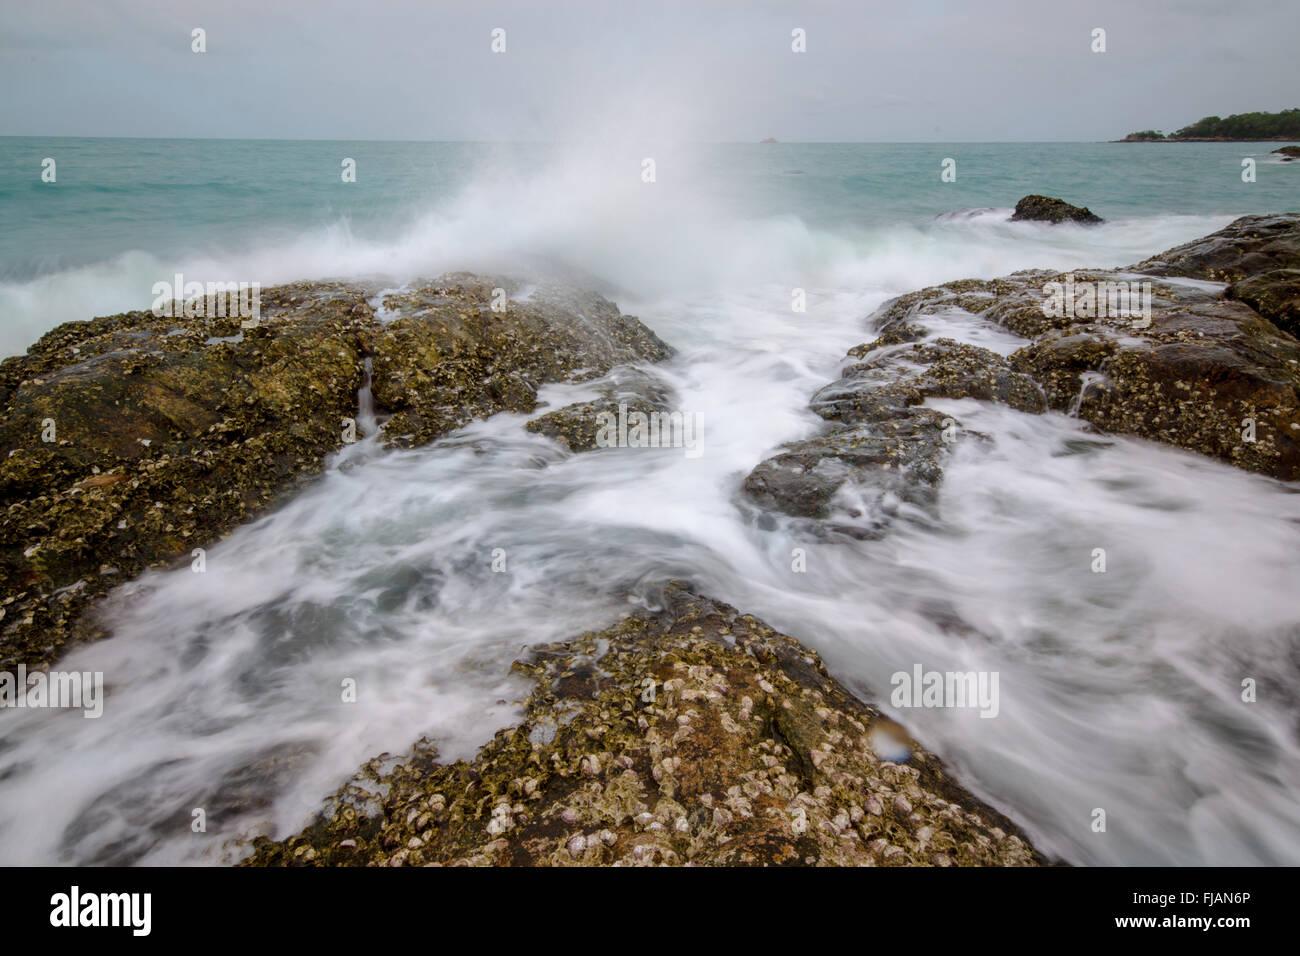 Sea waves crashing to rocks creating foam - Stock Image